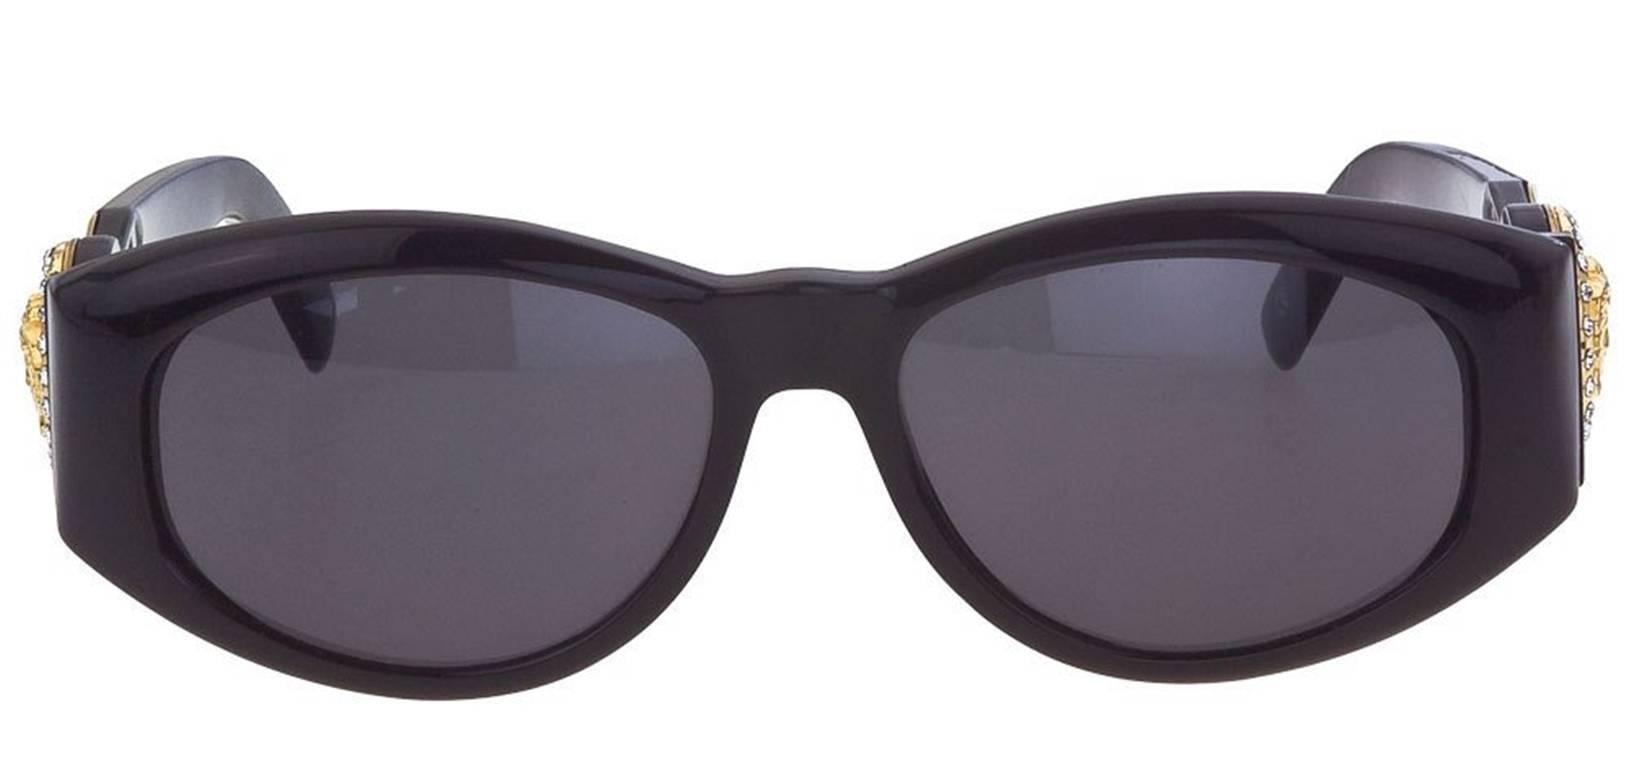 1af1029f595c Versace Vintage Black MOD 424 Sunglasses with Rhinestones at 1stdibs